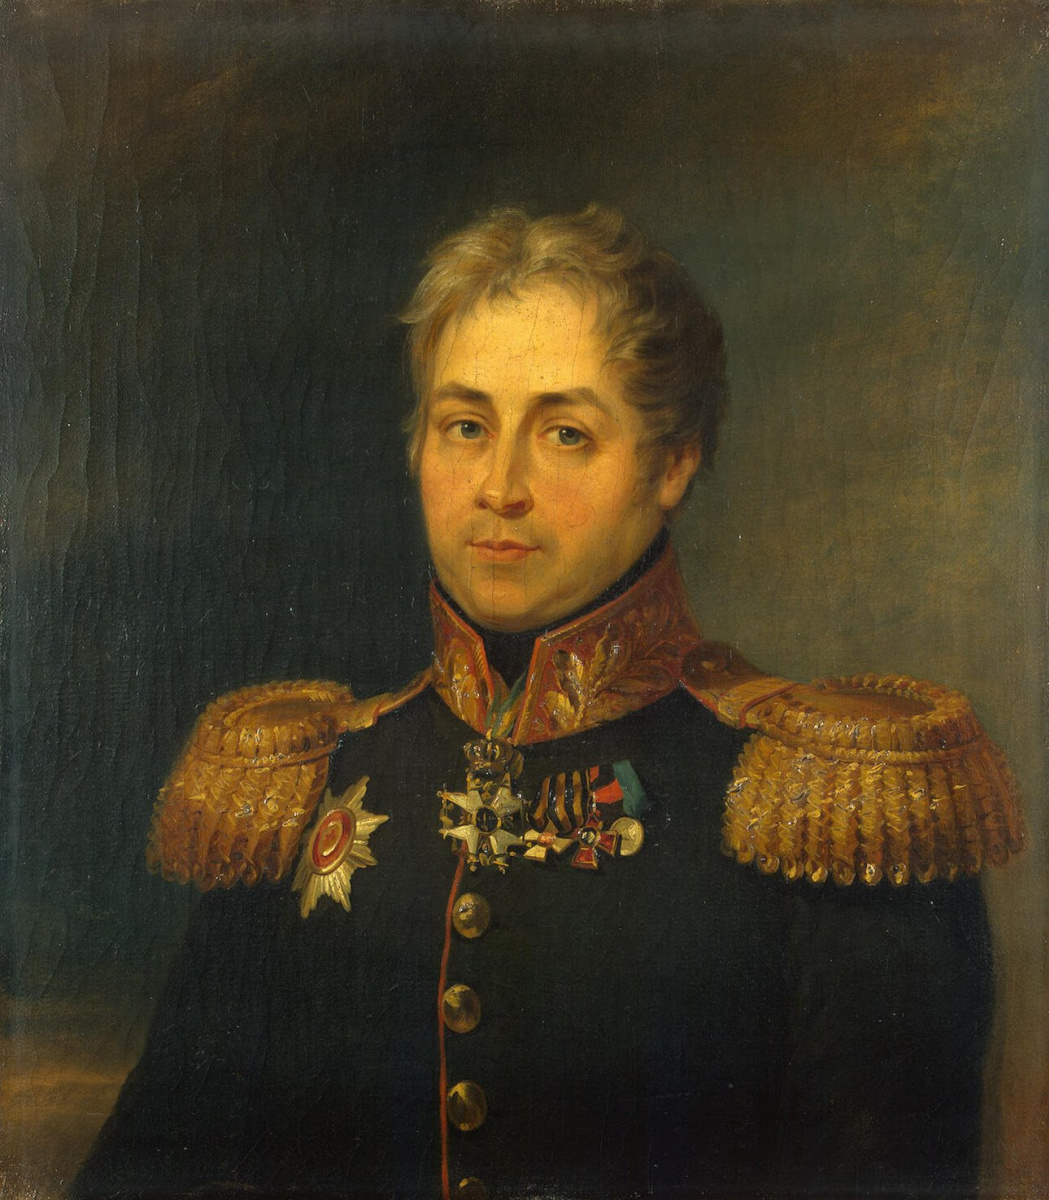 Джордж Доу. Портрет Иосифа Карловича Соколовского